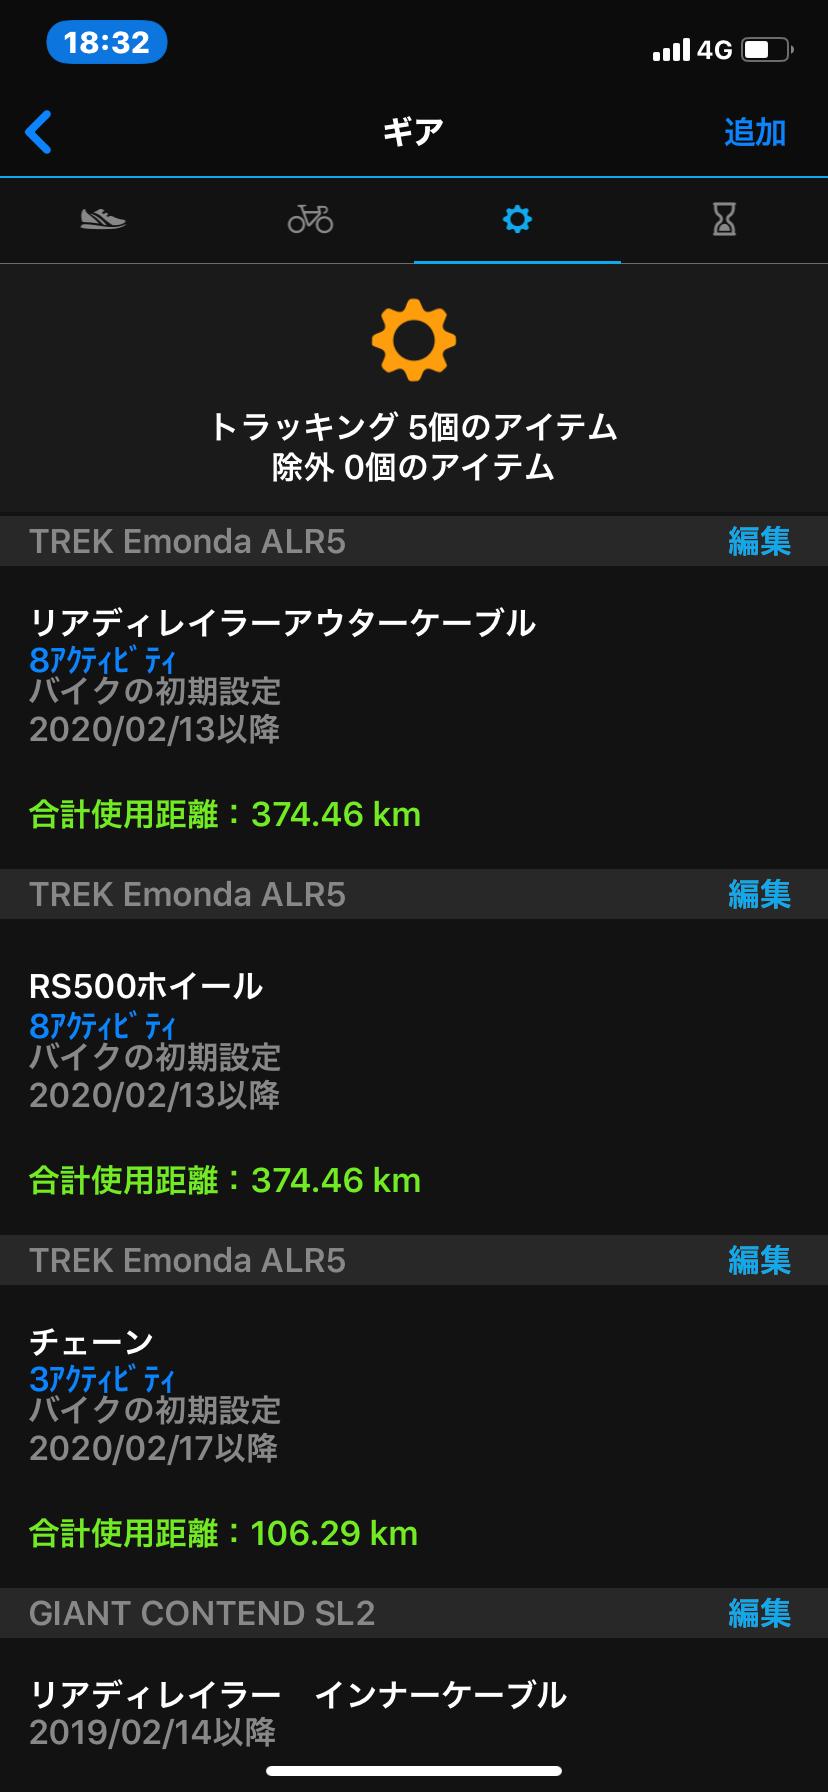 GARMINデバイスを使用してロードバイク本体・タイヤやパーツなどの距離が測れるぞ〜!!